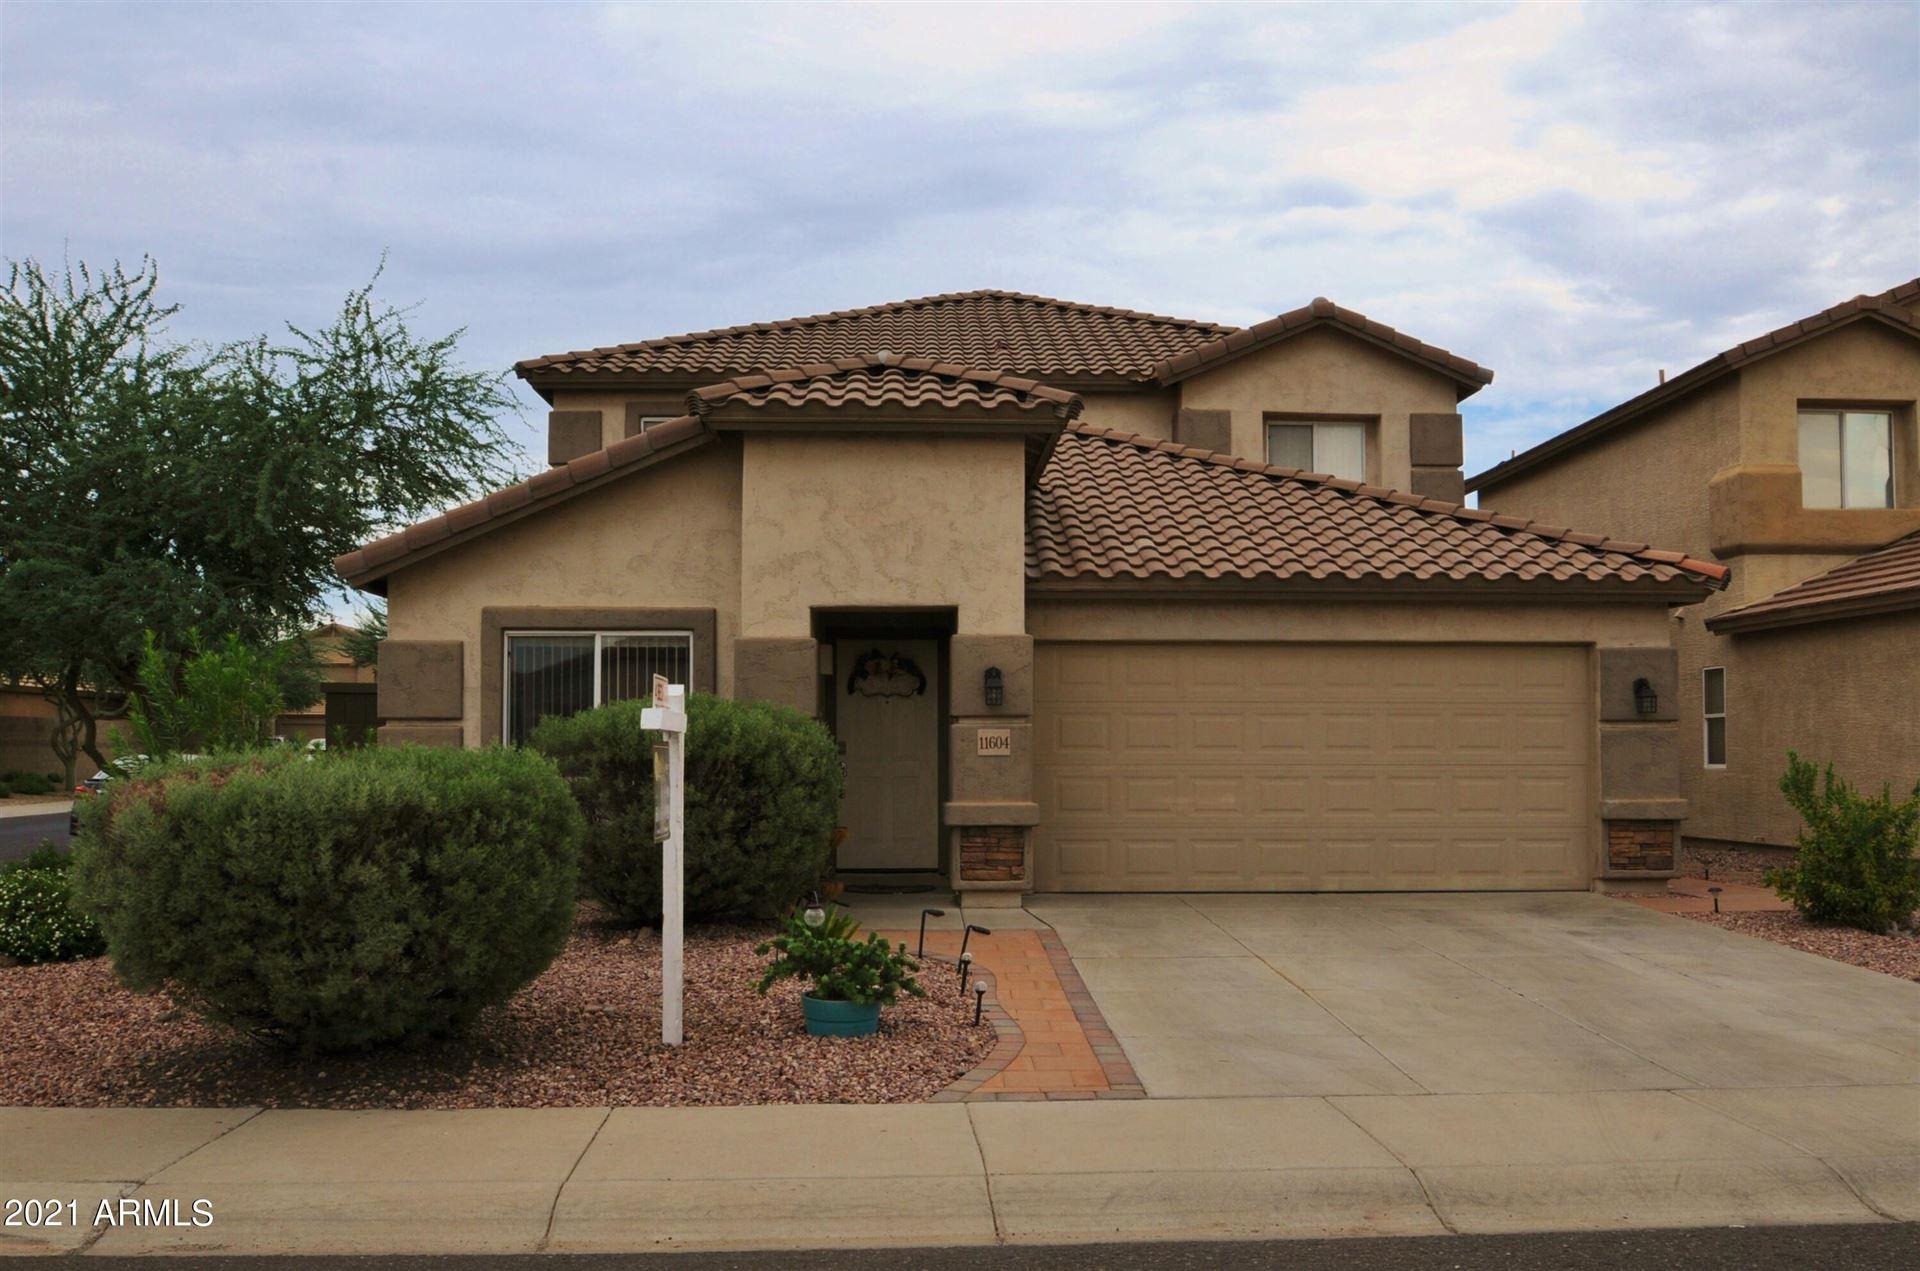 Photo of 11604 W PALO VERDE Avenue, Youngtown, AZ 85363 (MLS # 6291885)